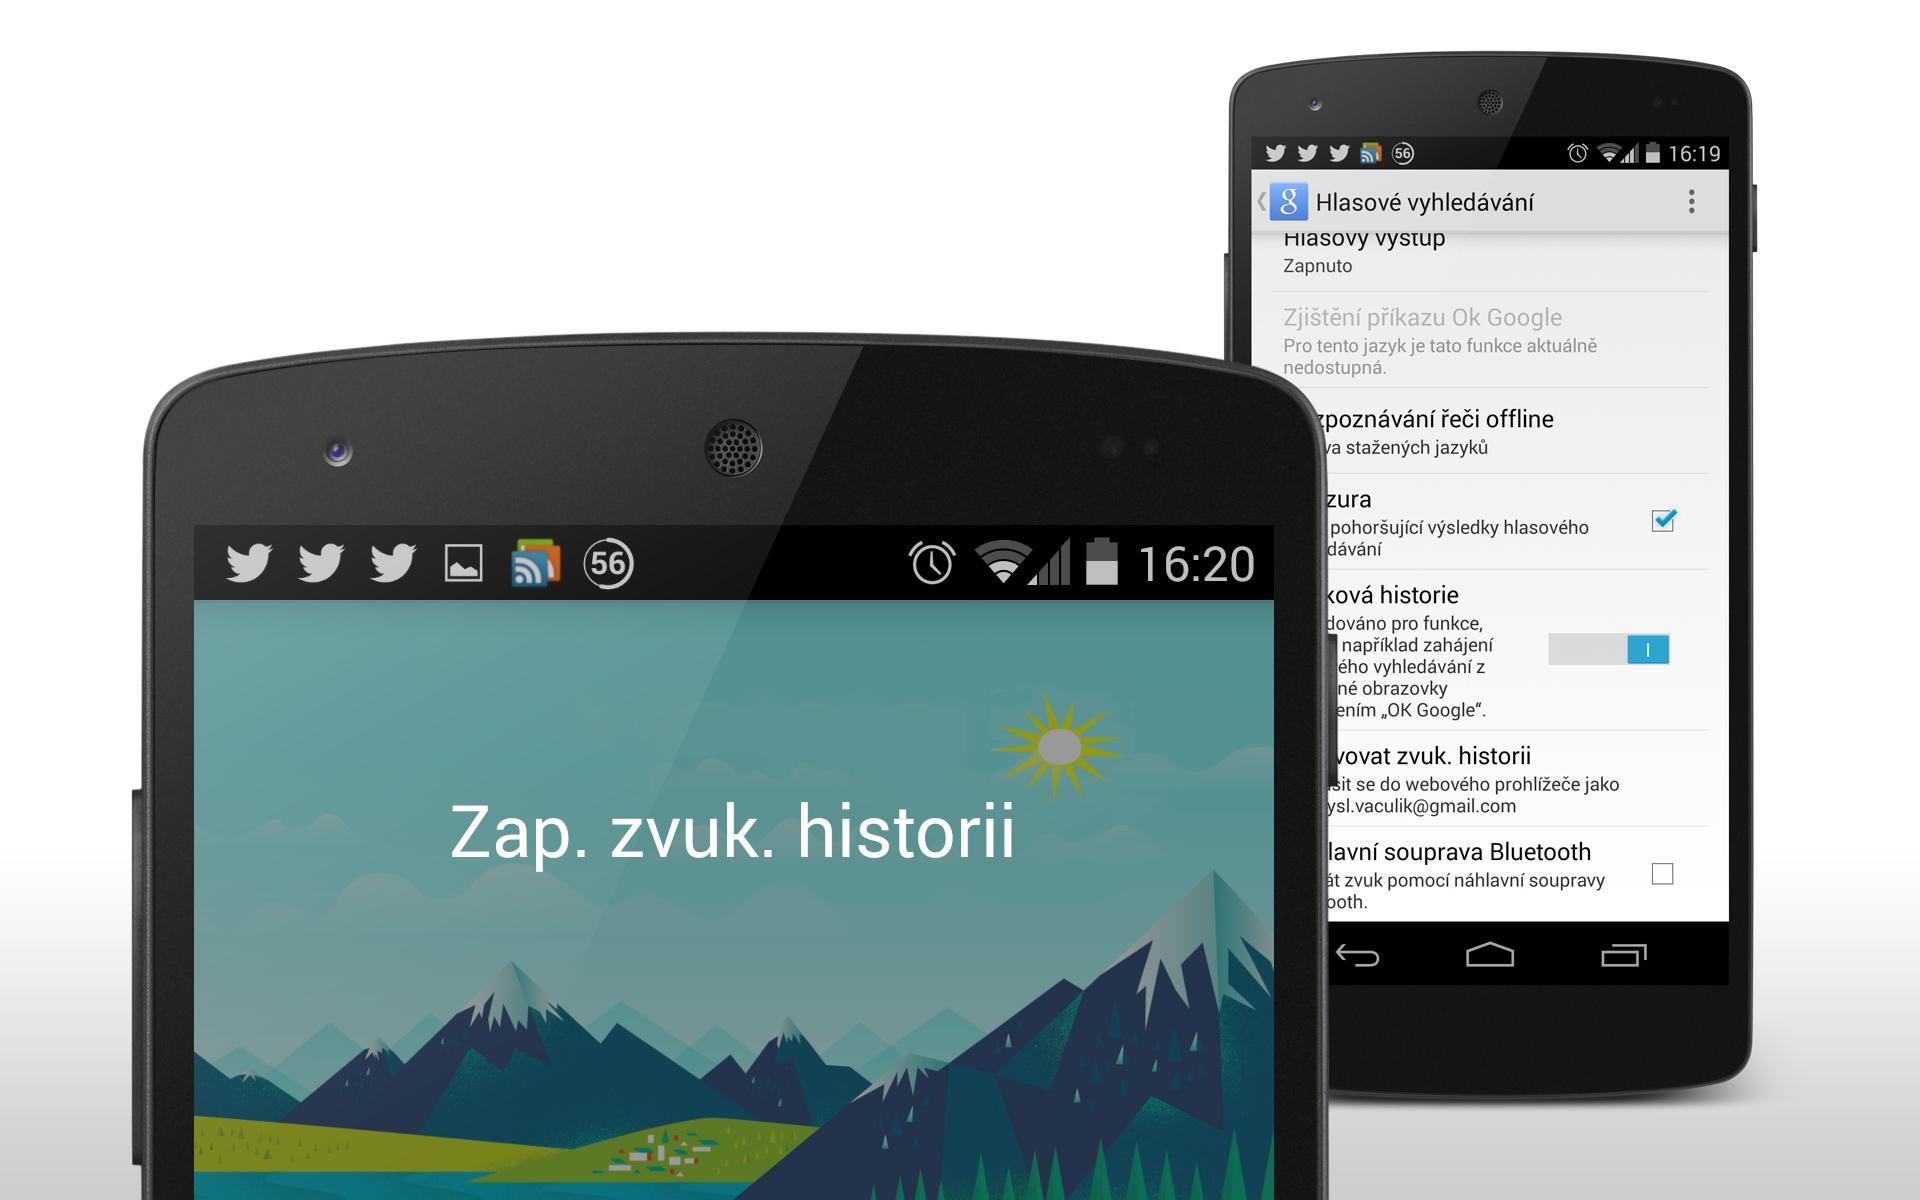 Zvuková historie Google – správa hlasového vyhledávání